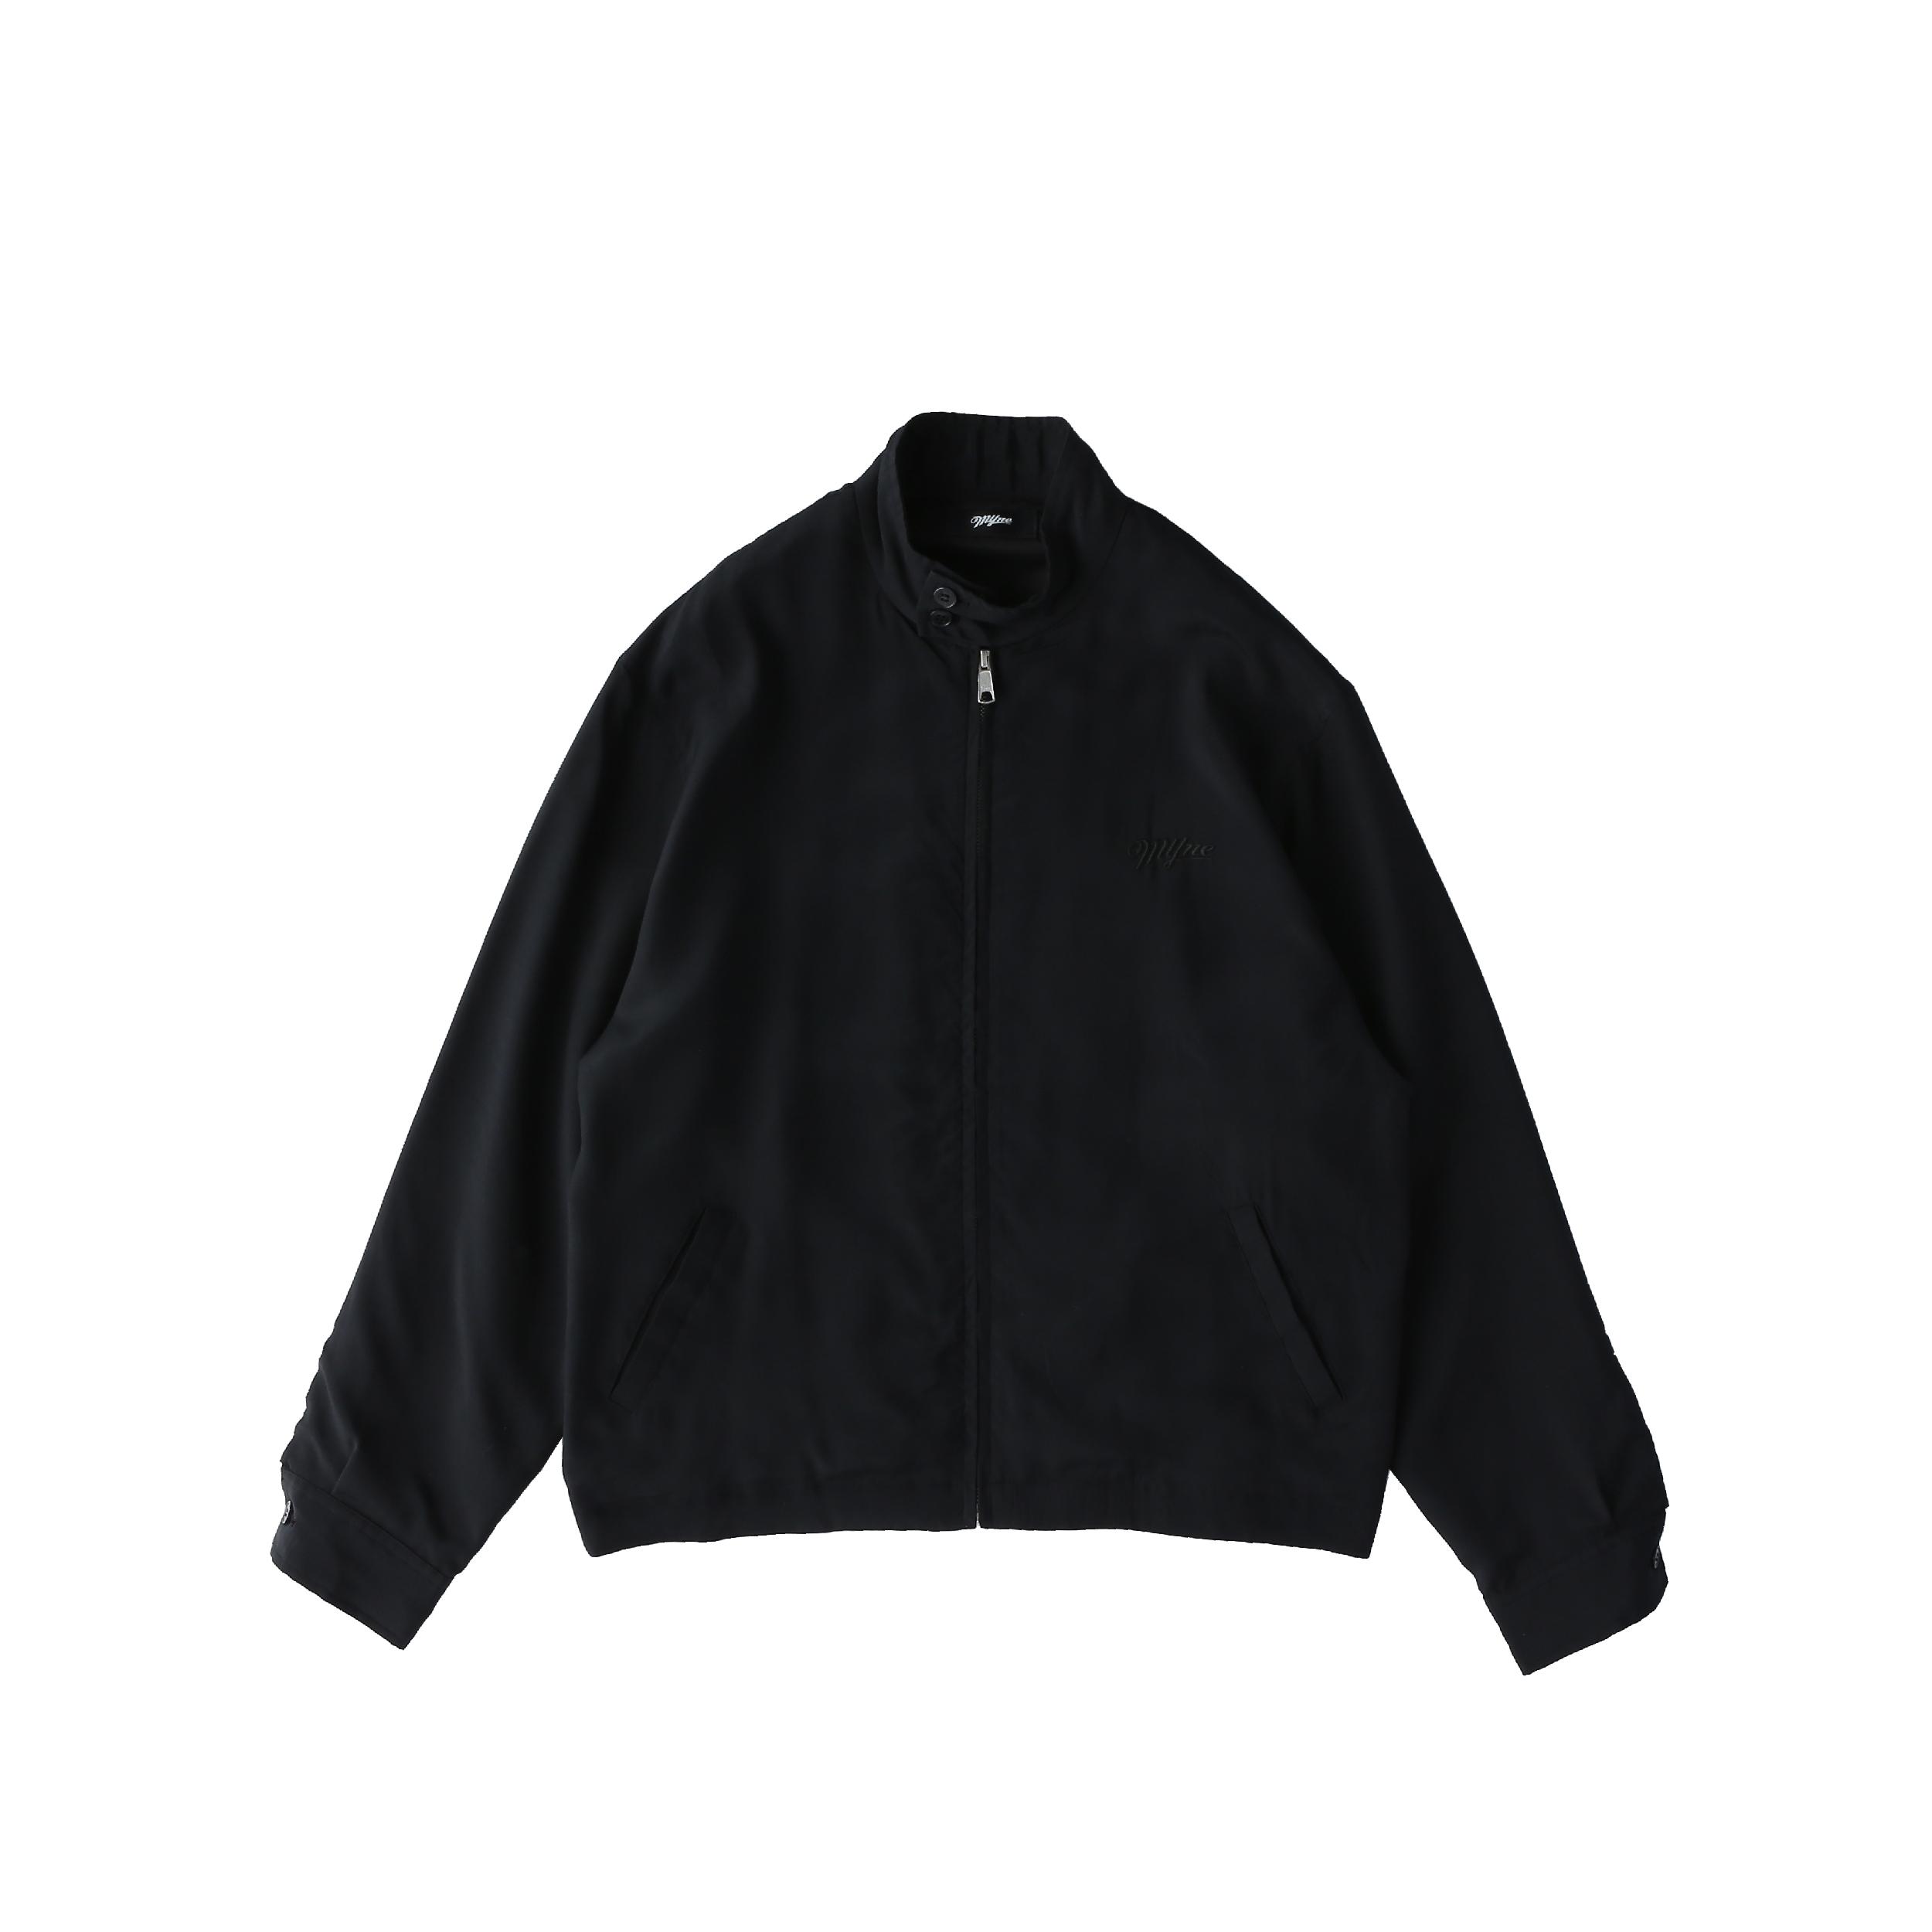 SNATCHER drizzler jacket / BLACK - 画像1